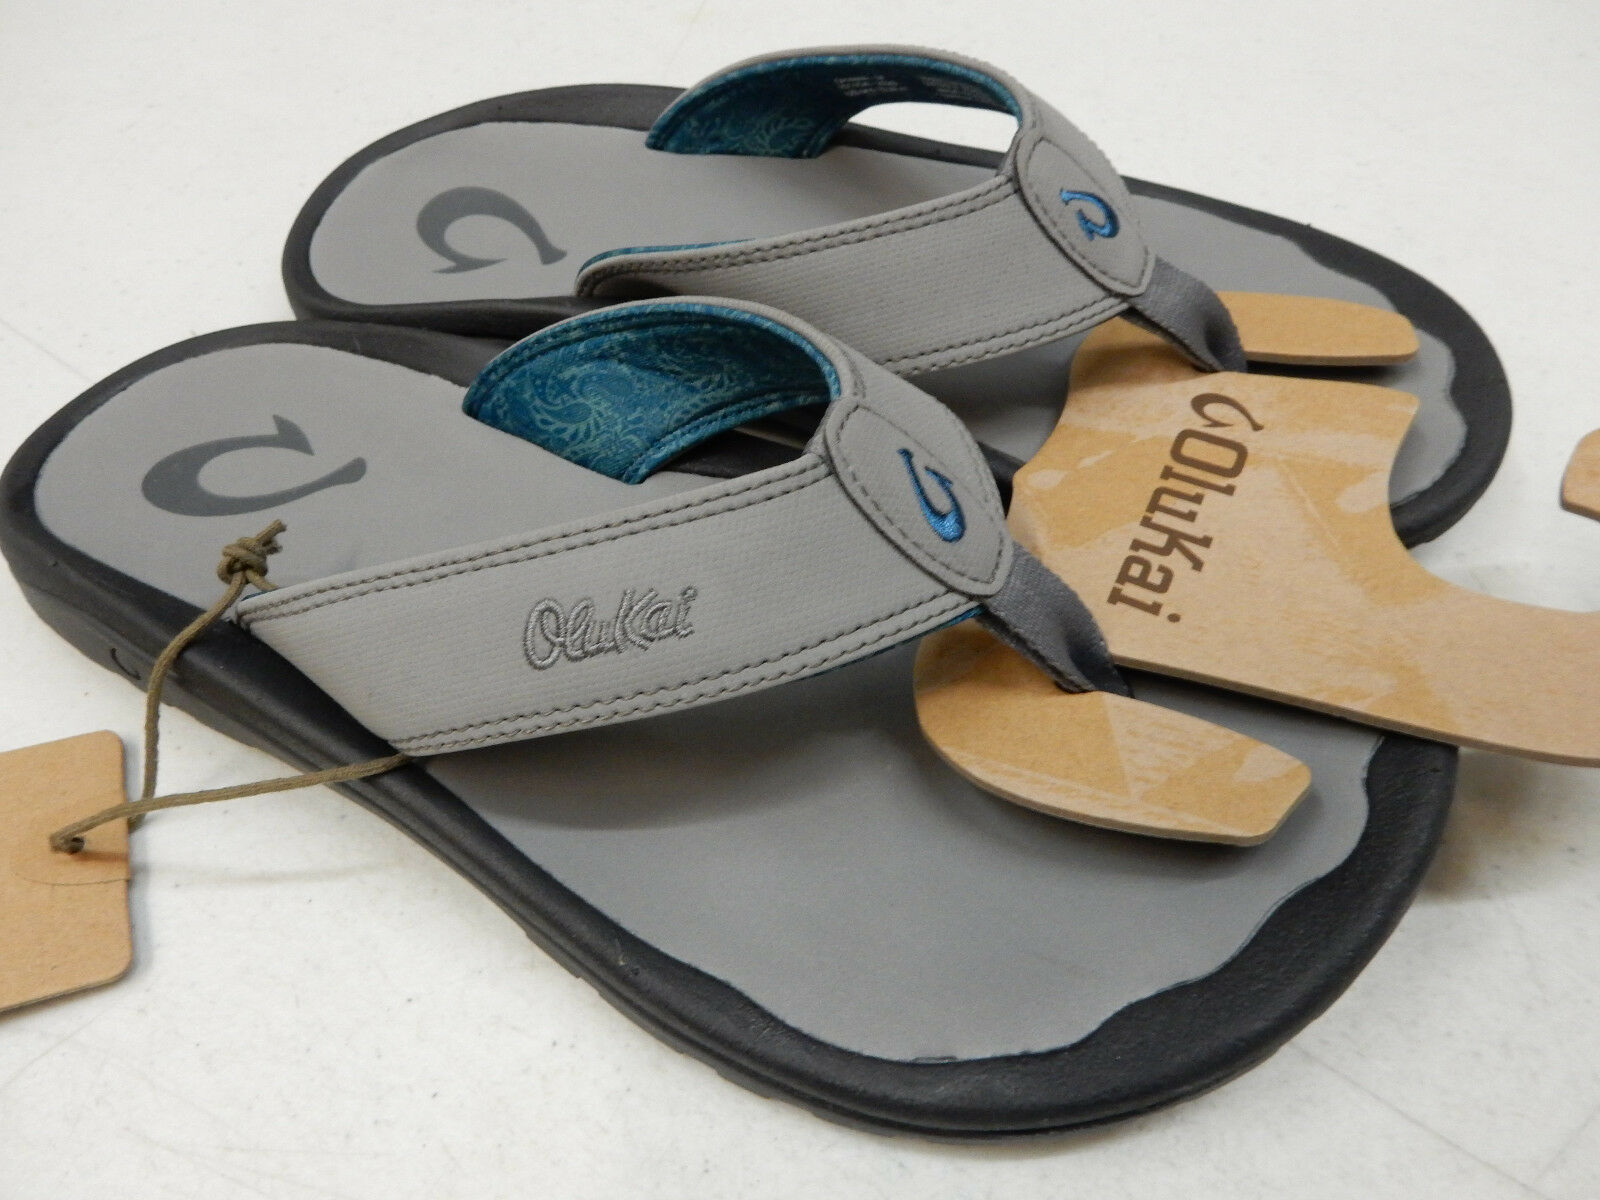 Sandali e scarpe per il mare da uomo OLUKAI uomoS SANDALS OHANA POI POI SIZE 8